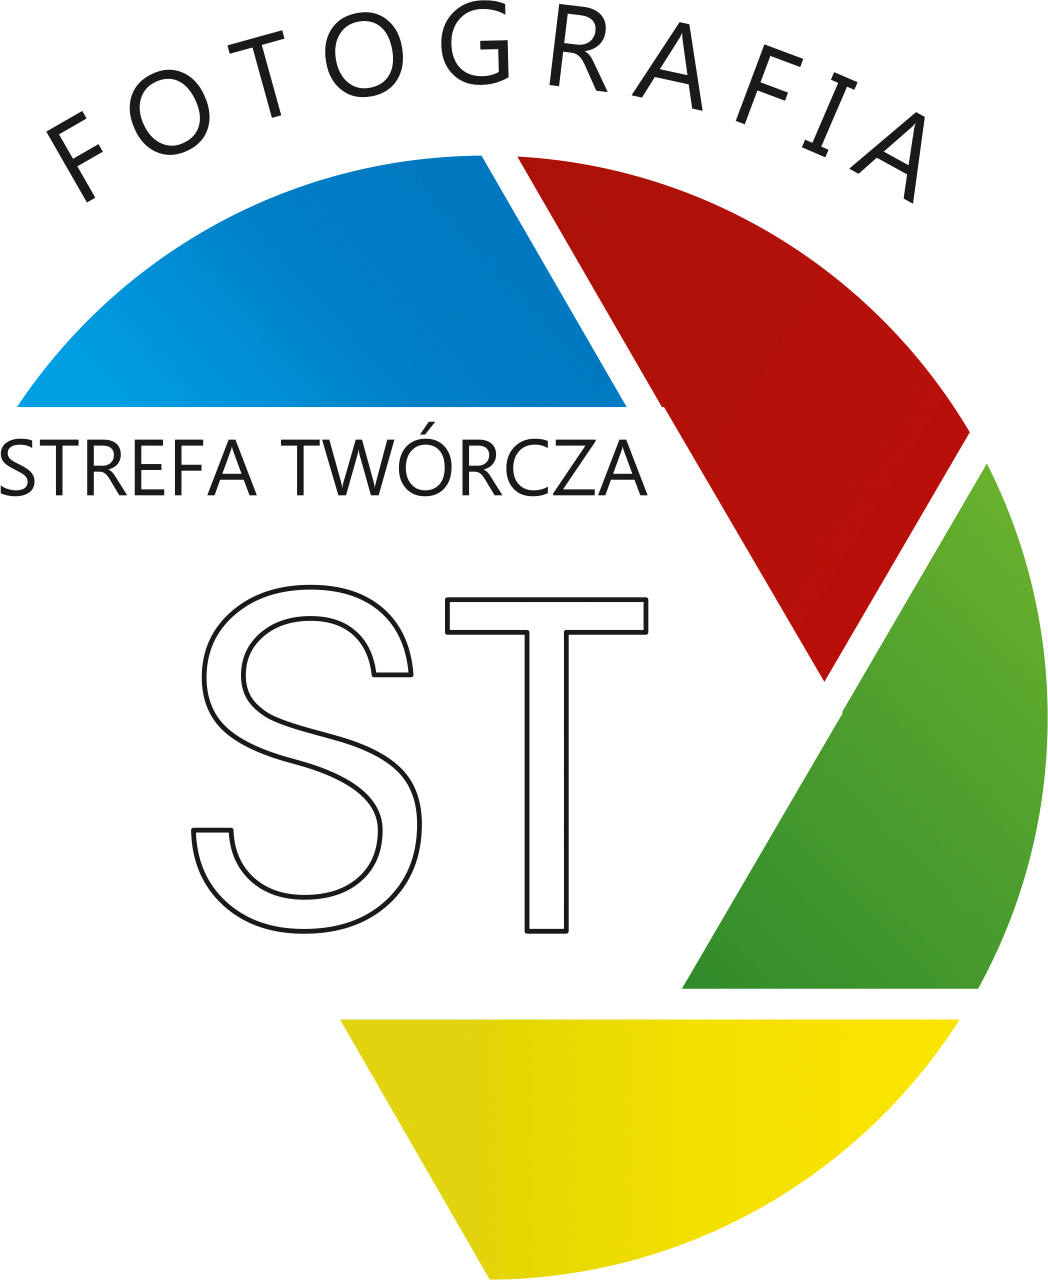 logo Strefa Twórcza Fotografia